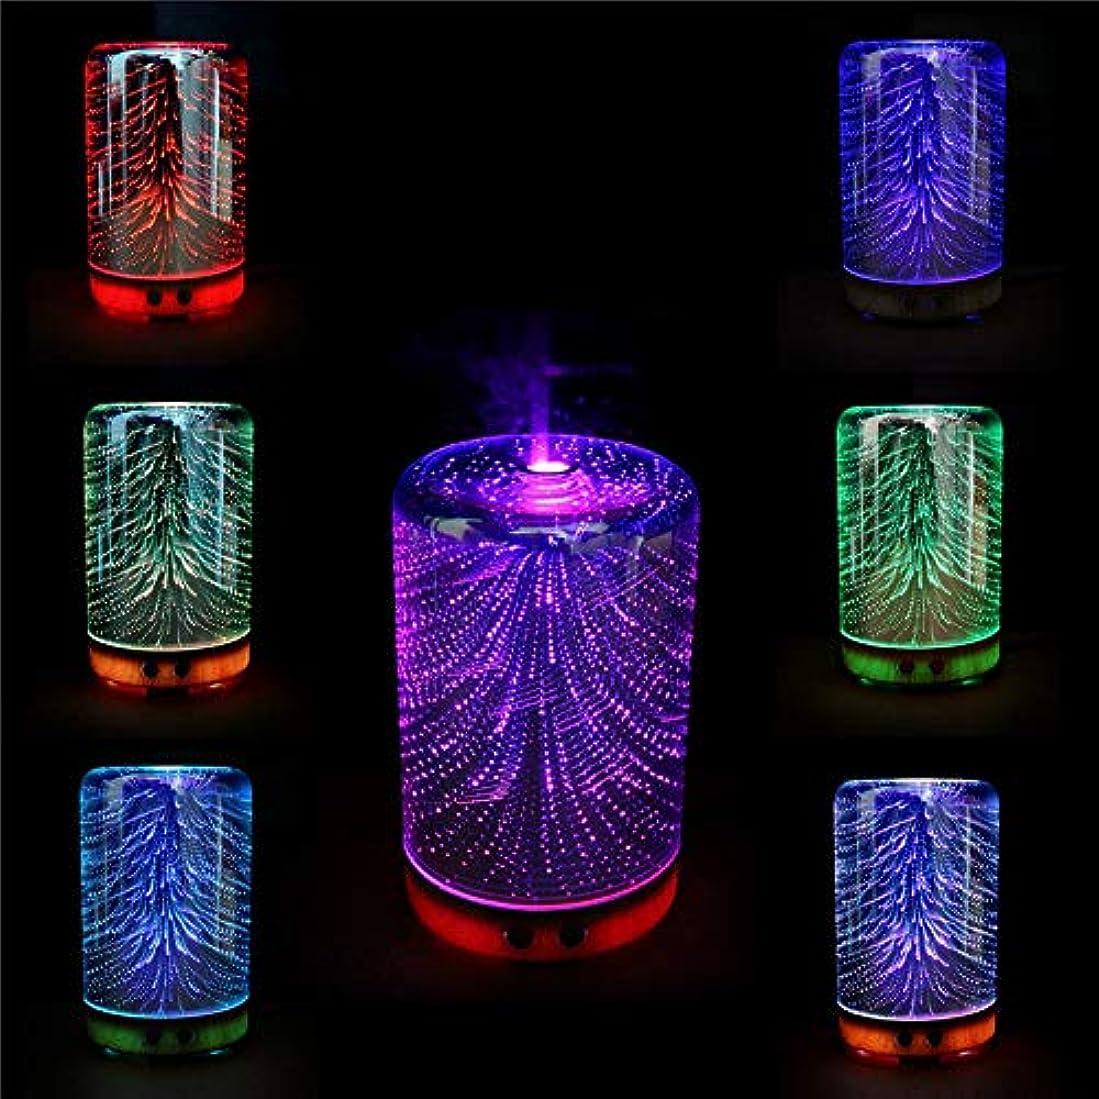 等しい波法律によりLYEJM Color Changing 3D Lighting Essential Oil Aroma Diffuser Ultrasonic Mist Humidifier Aromatherapy 141[並行輸入]